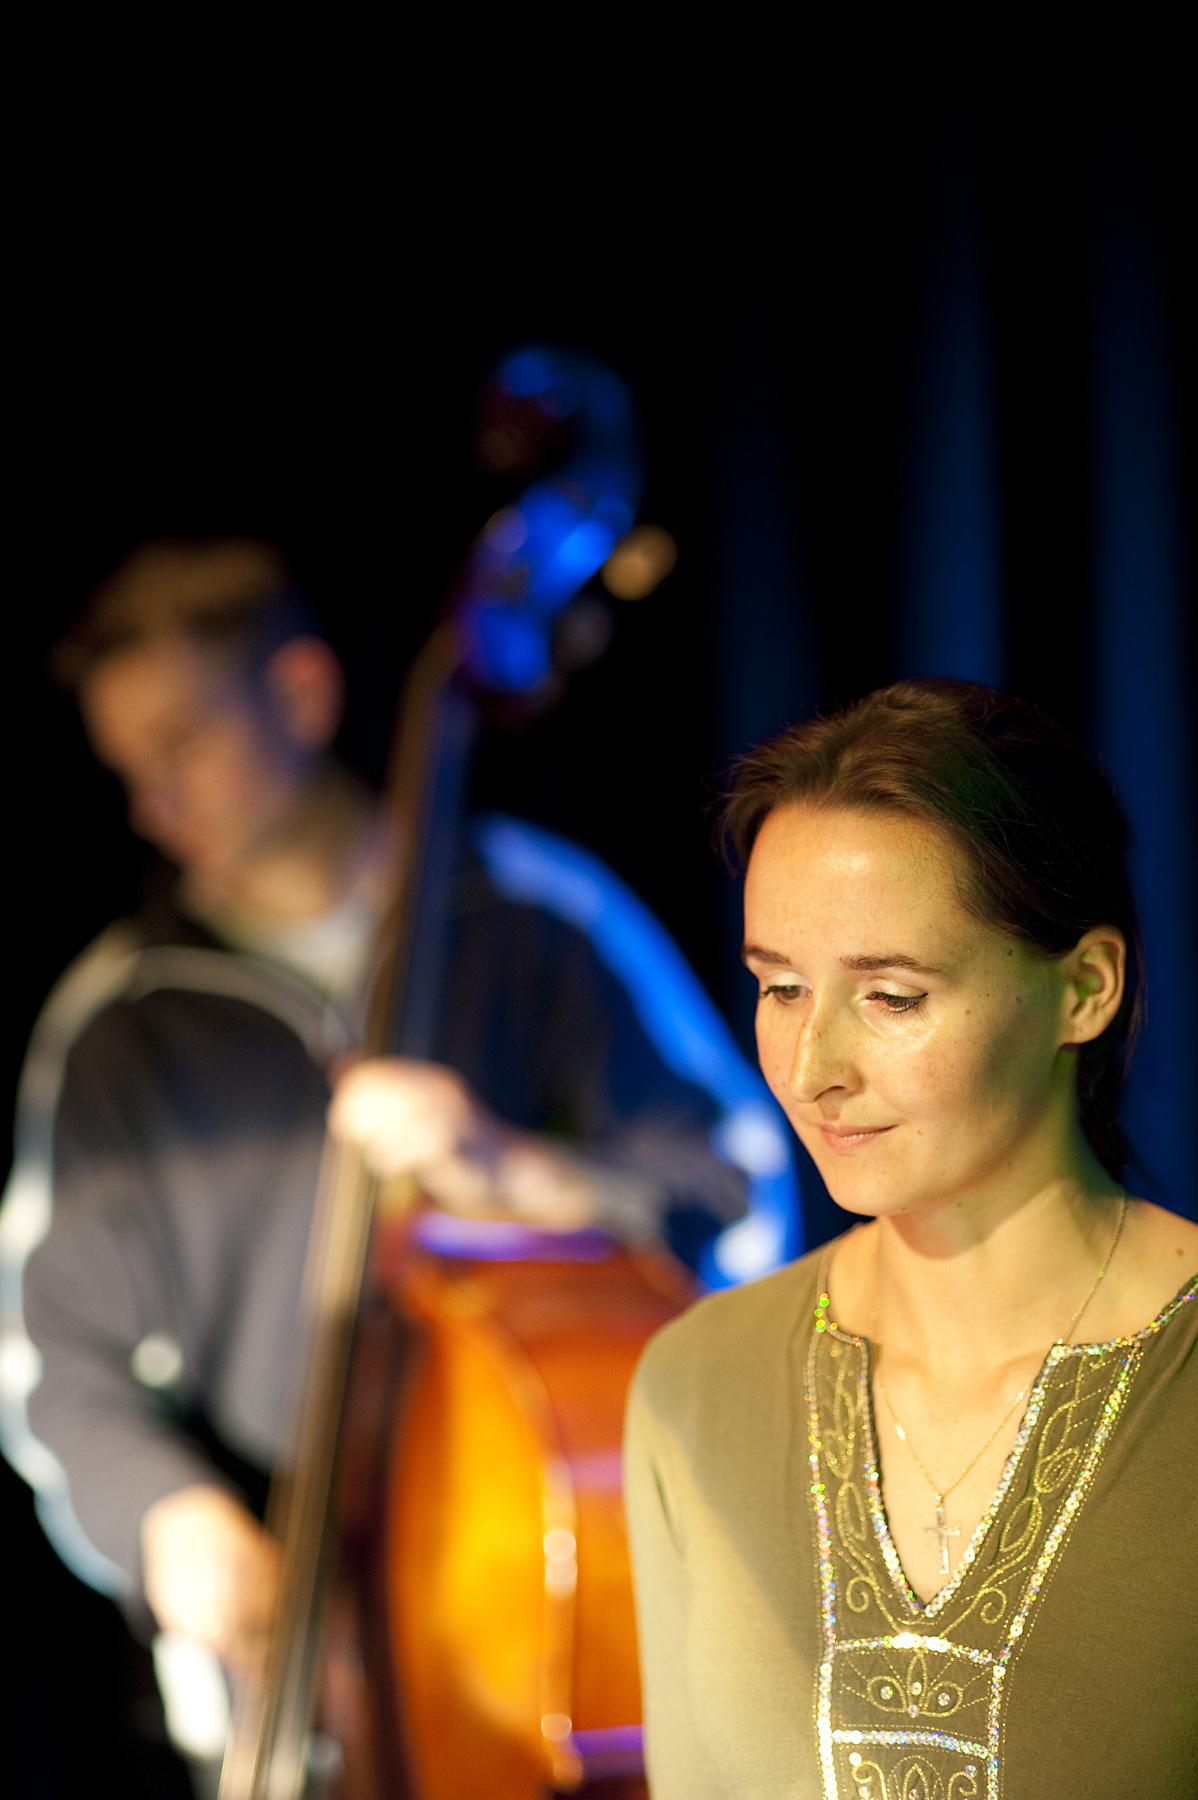 kurt weill, nürnberg II, 2009